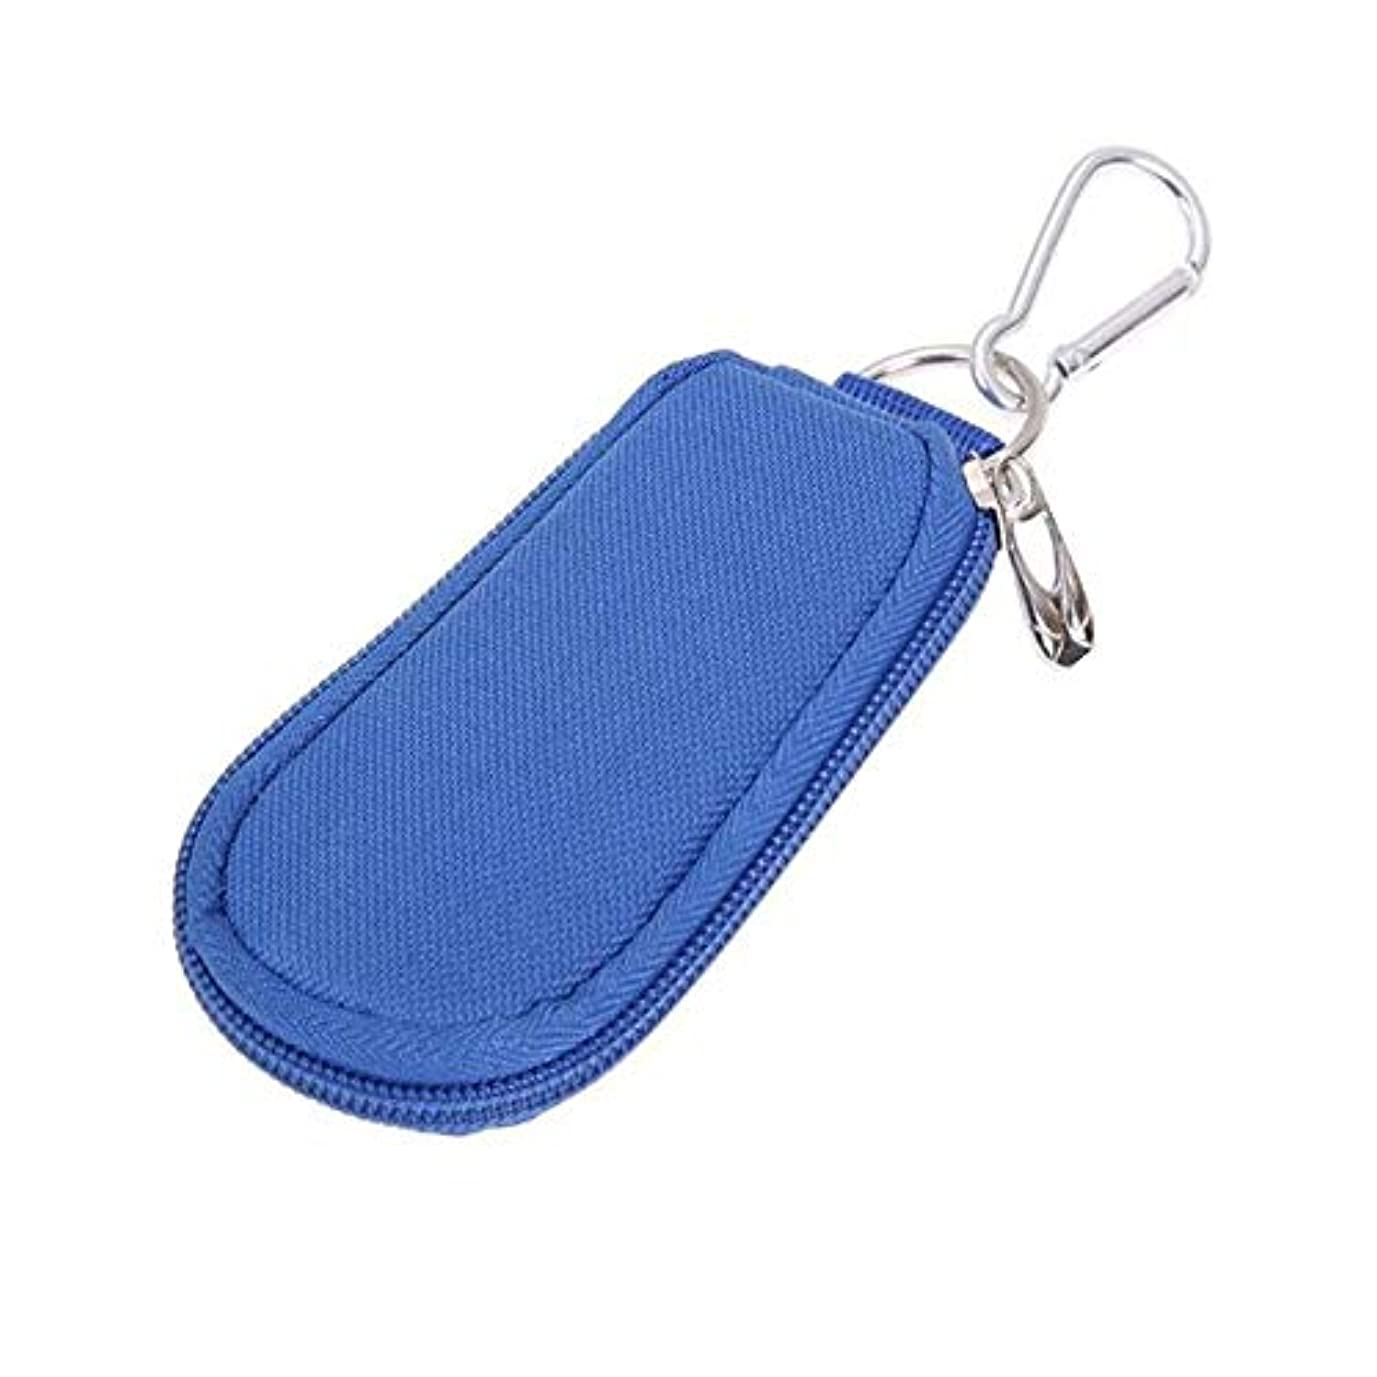 刃濃度木エッセンシャルオイルストレージボックス エッセンシャルオイルストレージオーガナイザーブルー走行用1-3MLエッセンシャルオイルバッグパーフェクトを開催します 旅行およびプレゼンテーション用 (色 : 青, サイズ : 11.5X6.5X1.5CM)